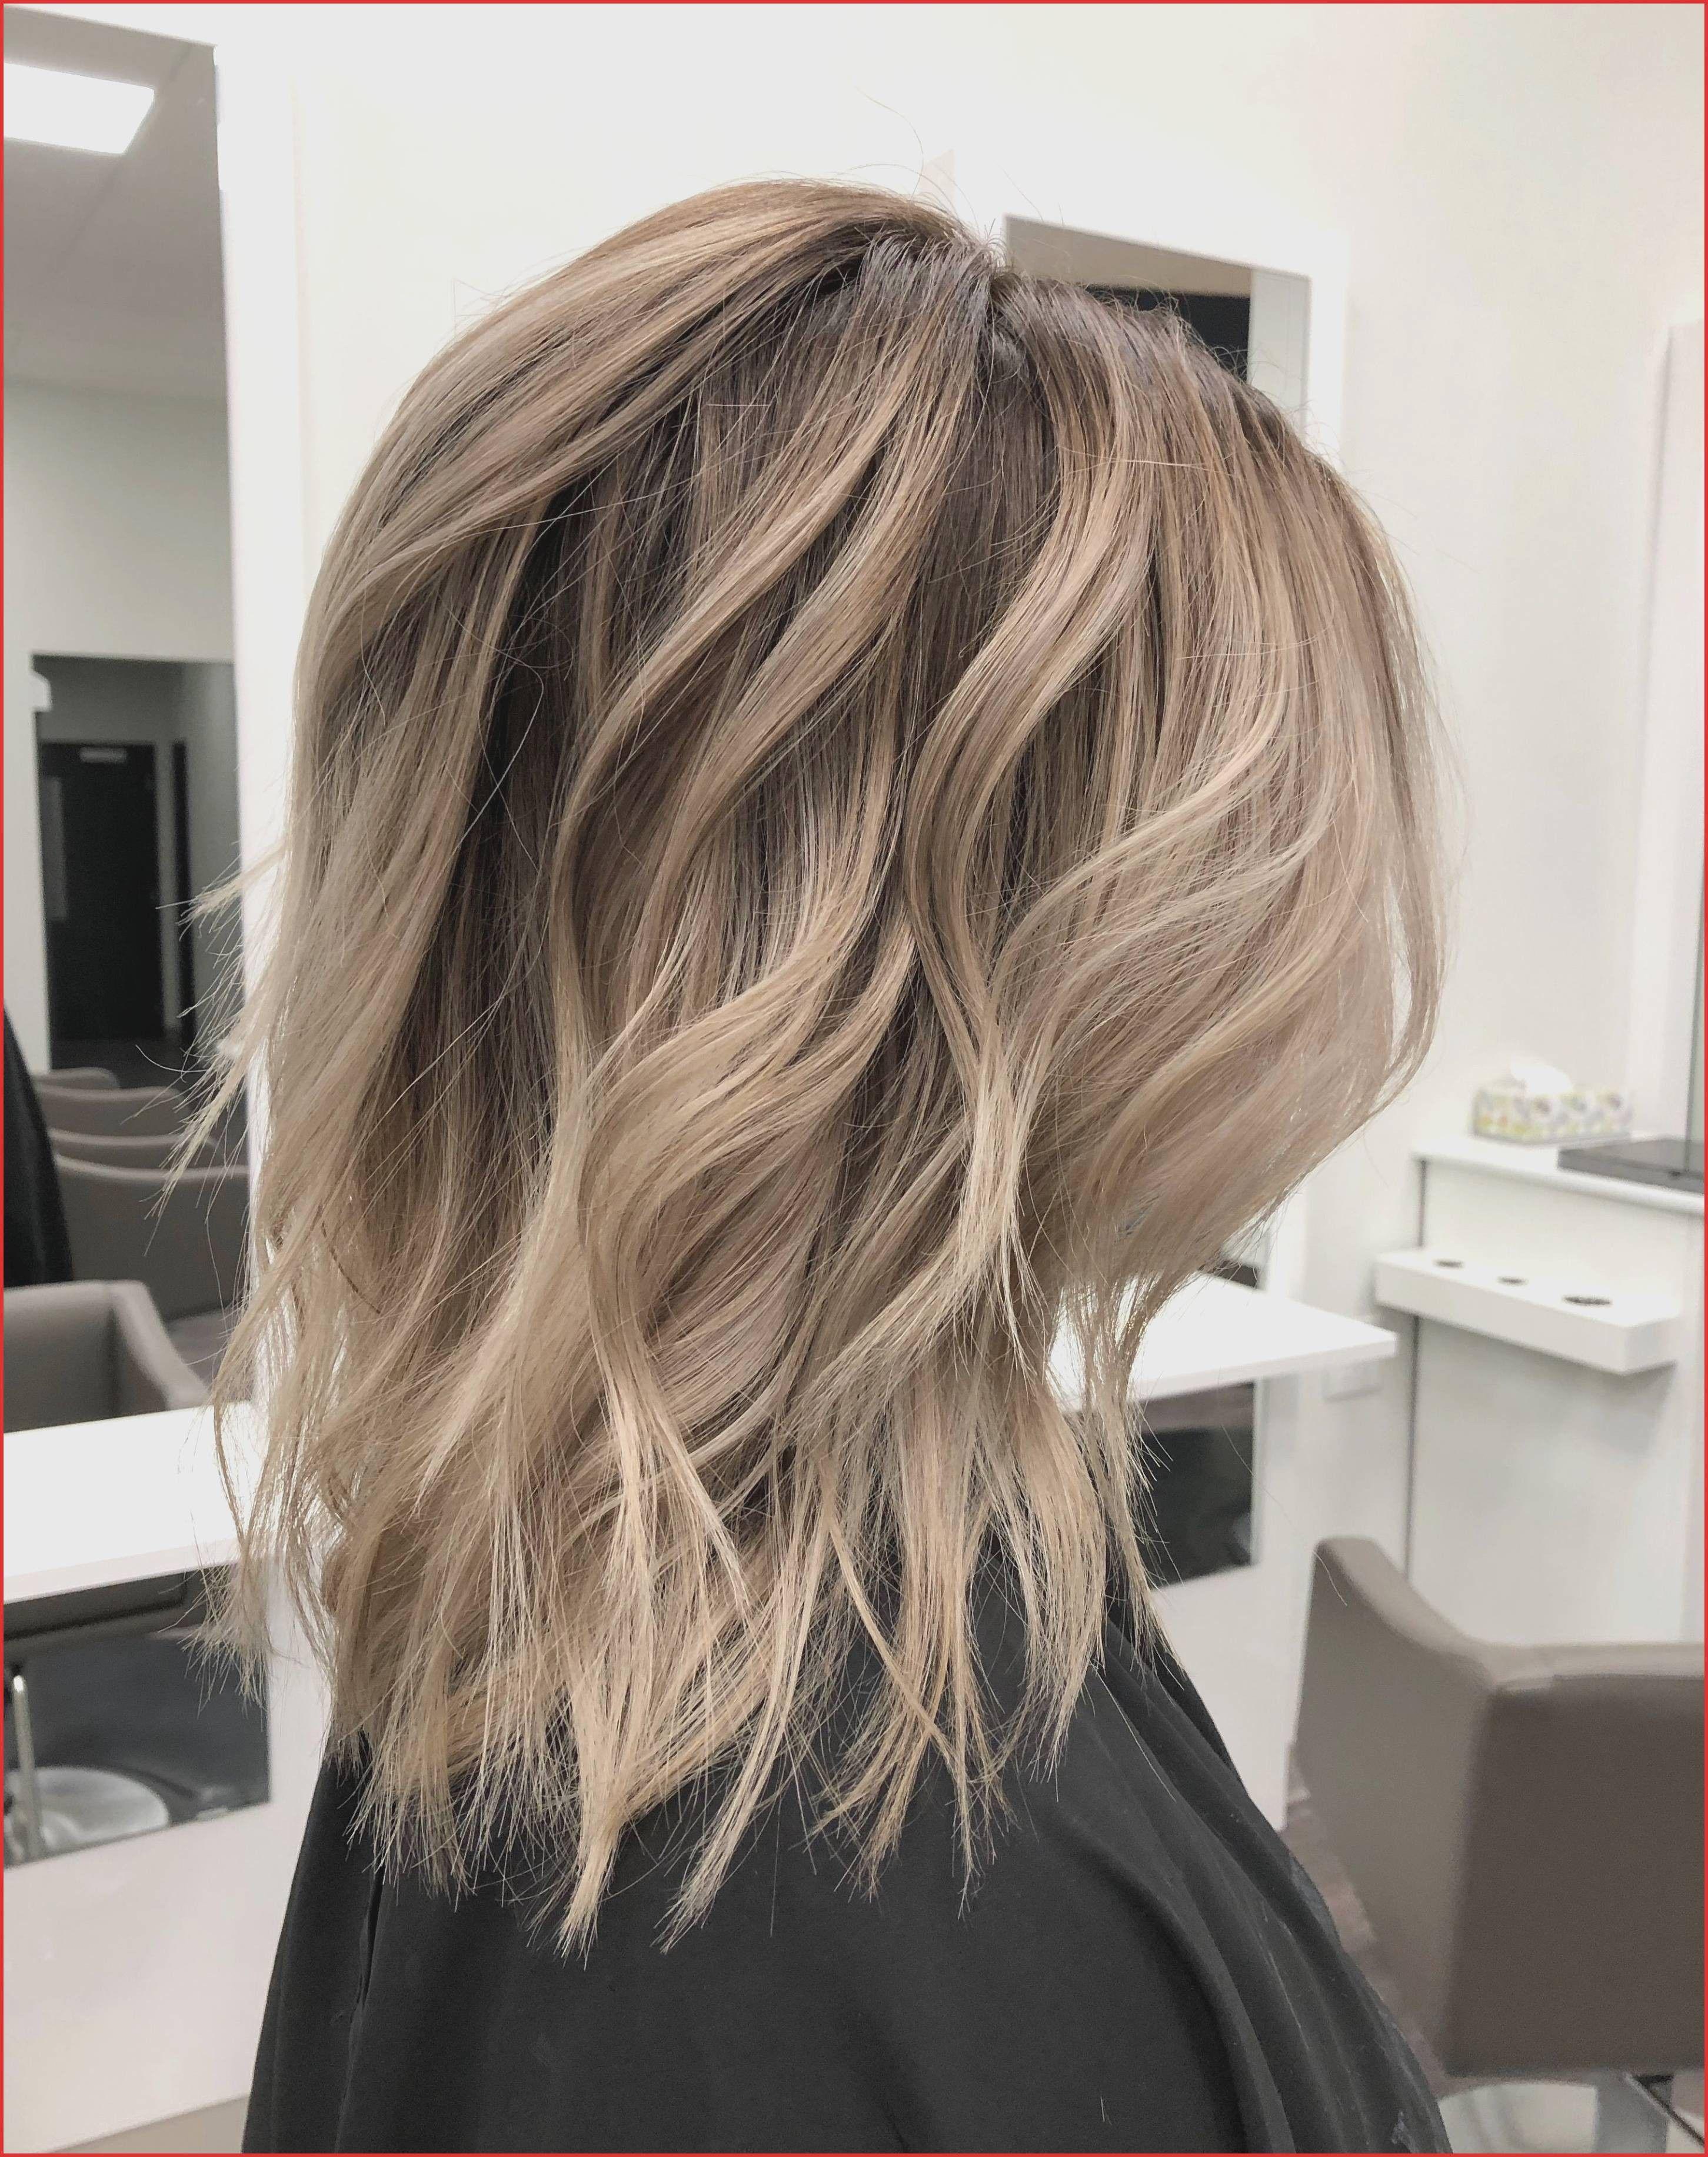 Inspirational Cute Frisuren Fur Mittlere Haare Leicht Zu Tun Neue Haare Modelle Haarfarben Haarschnitt Schulterlange Haare Frisuren